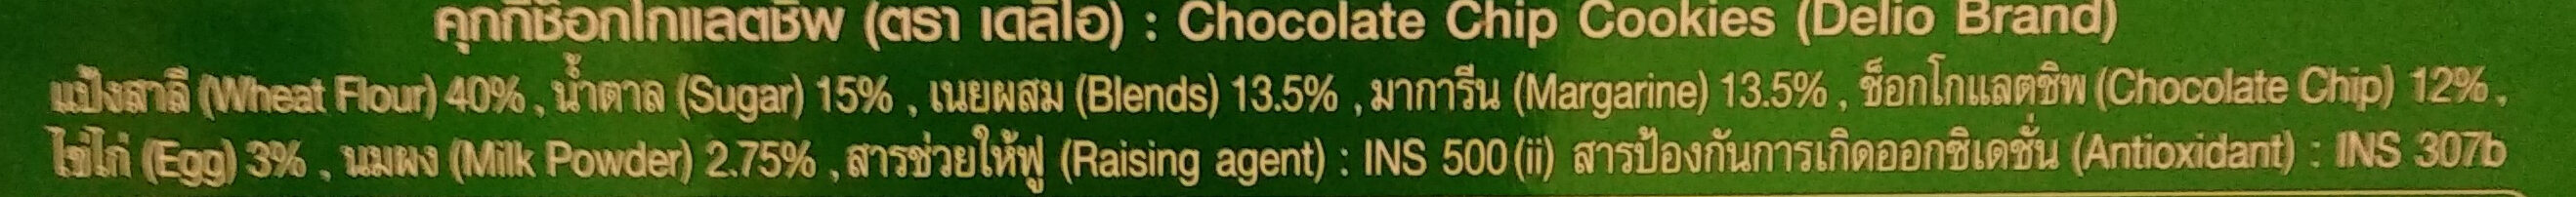 คุกกี้ เดลิโอ ตรา เอส แอนด์ พี - Ingredients